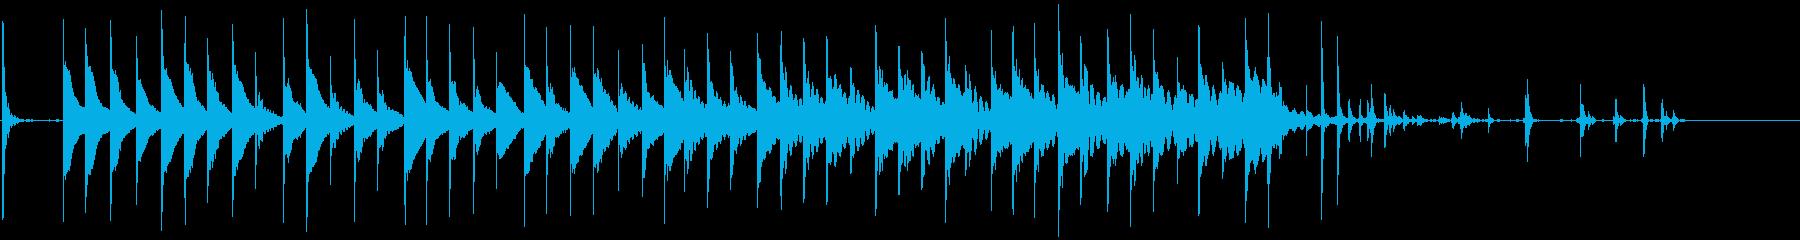 ロングパット:ボールトリックインホ...の再生済みの波形